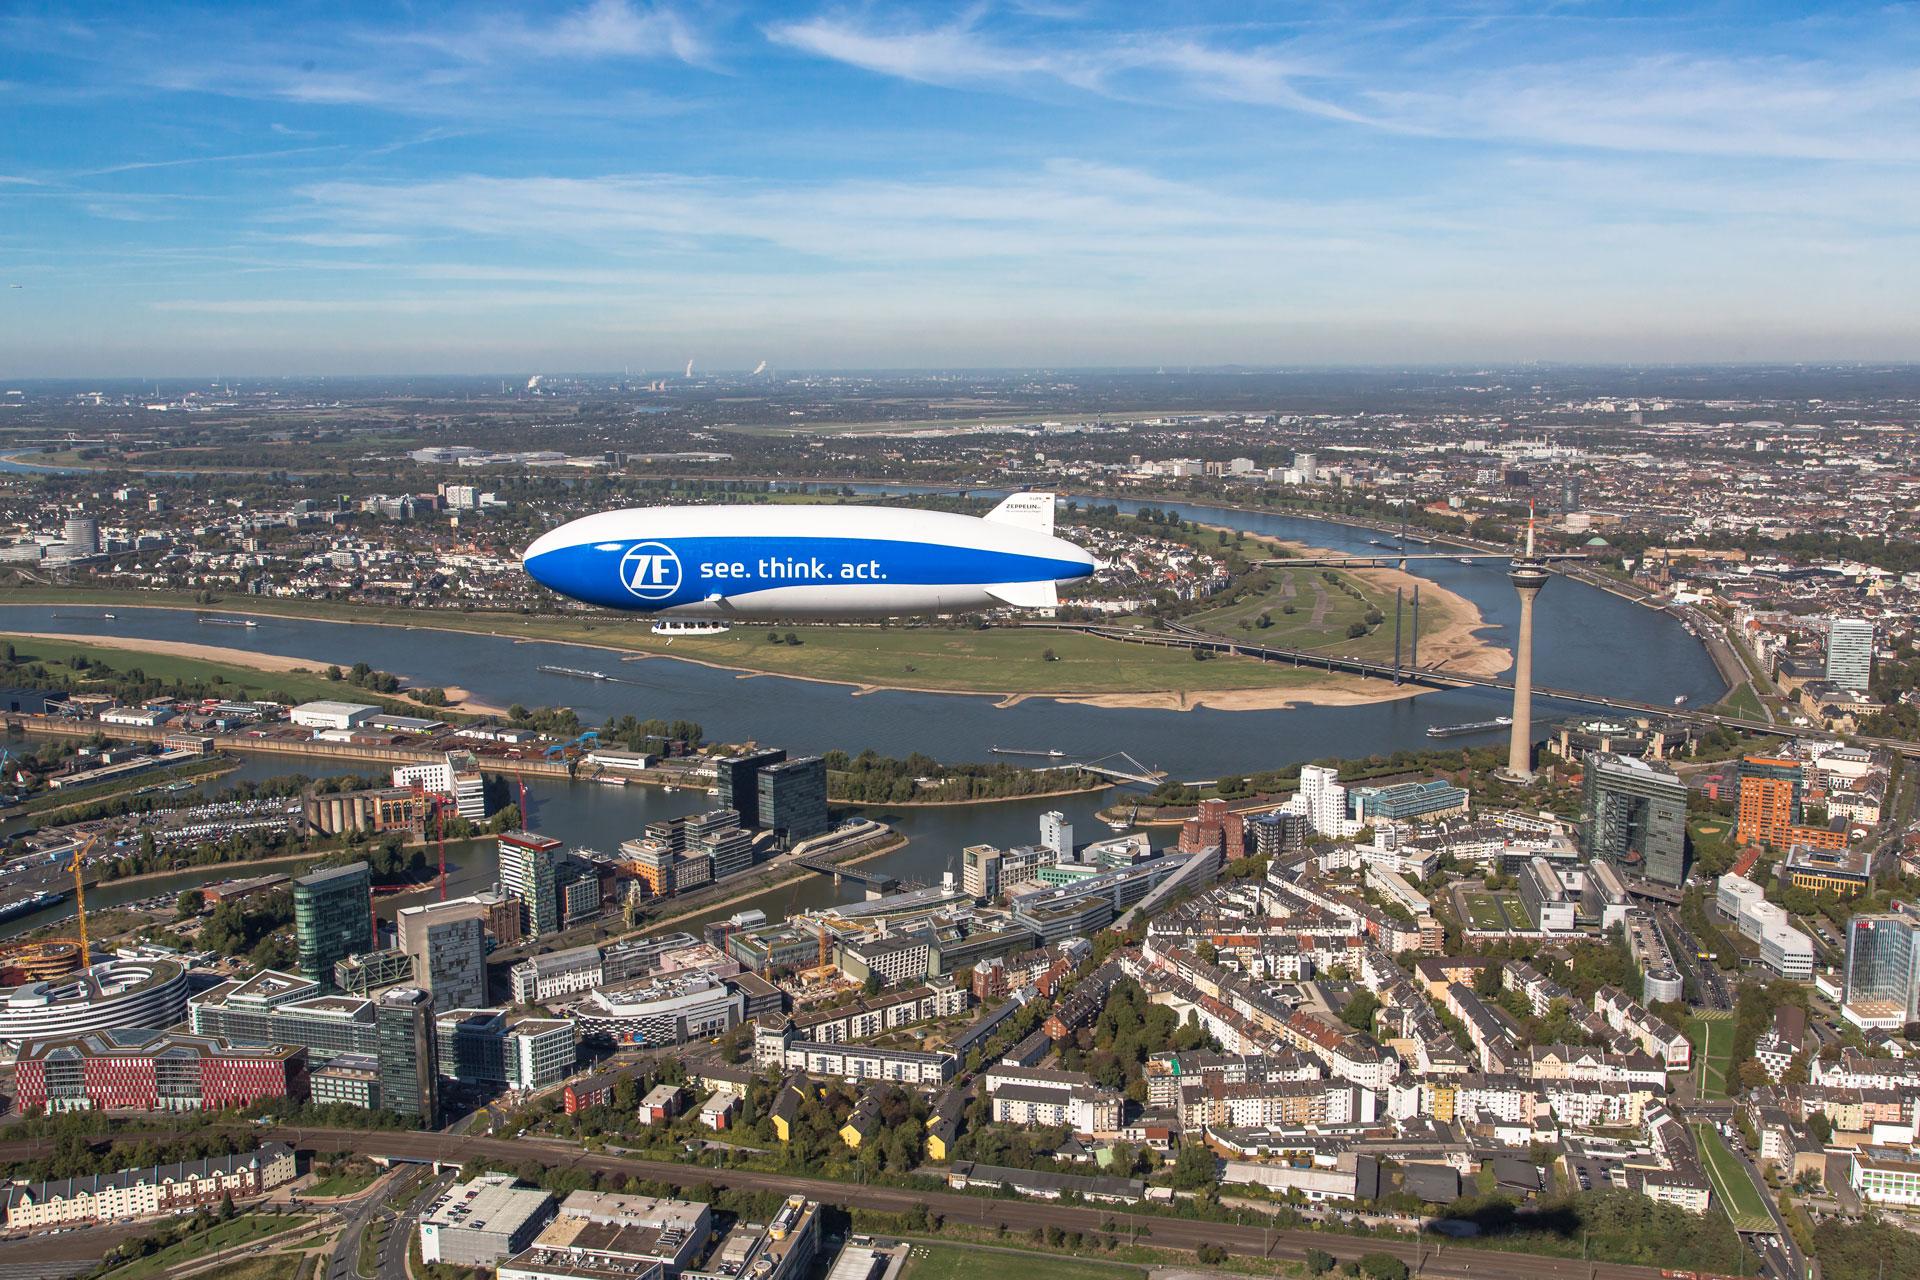 Seitenansicht des Zeppelins aus der Luft